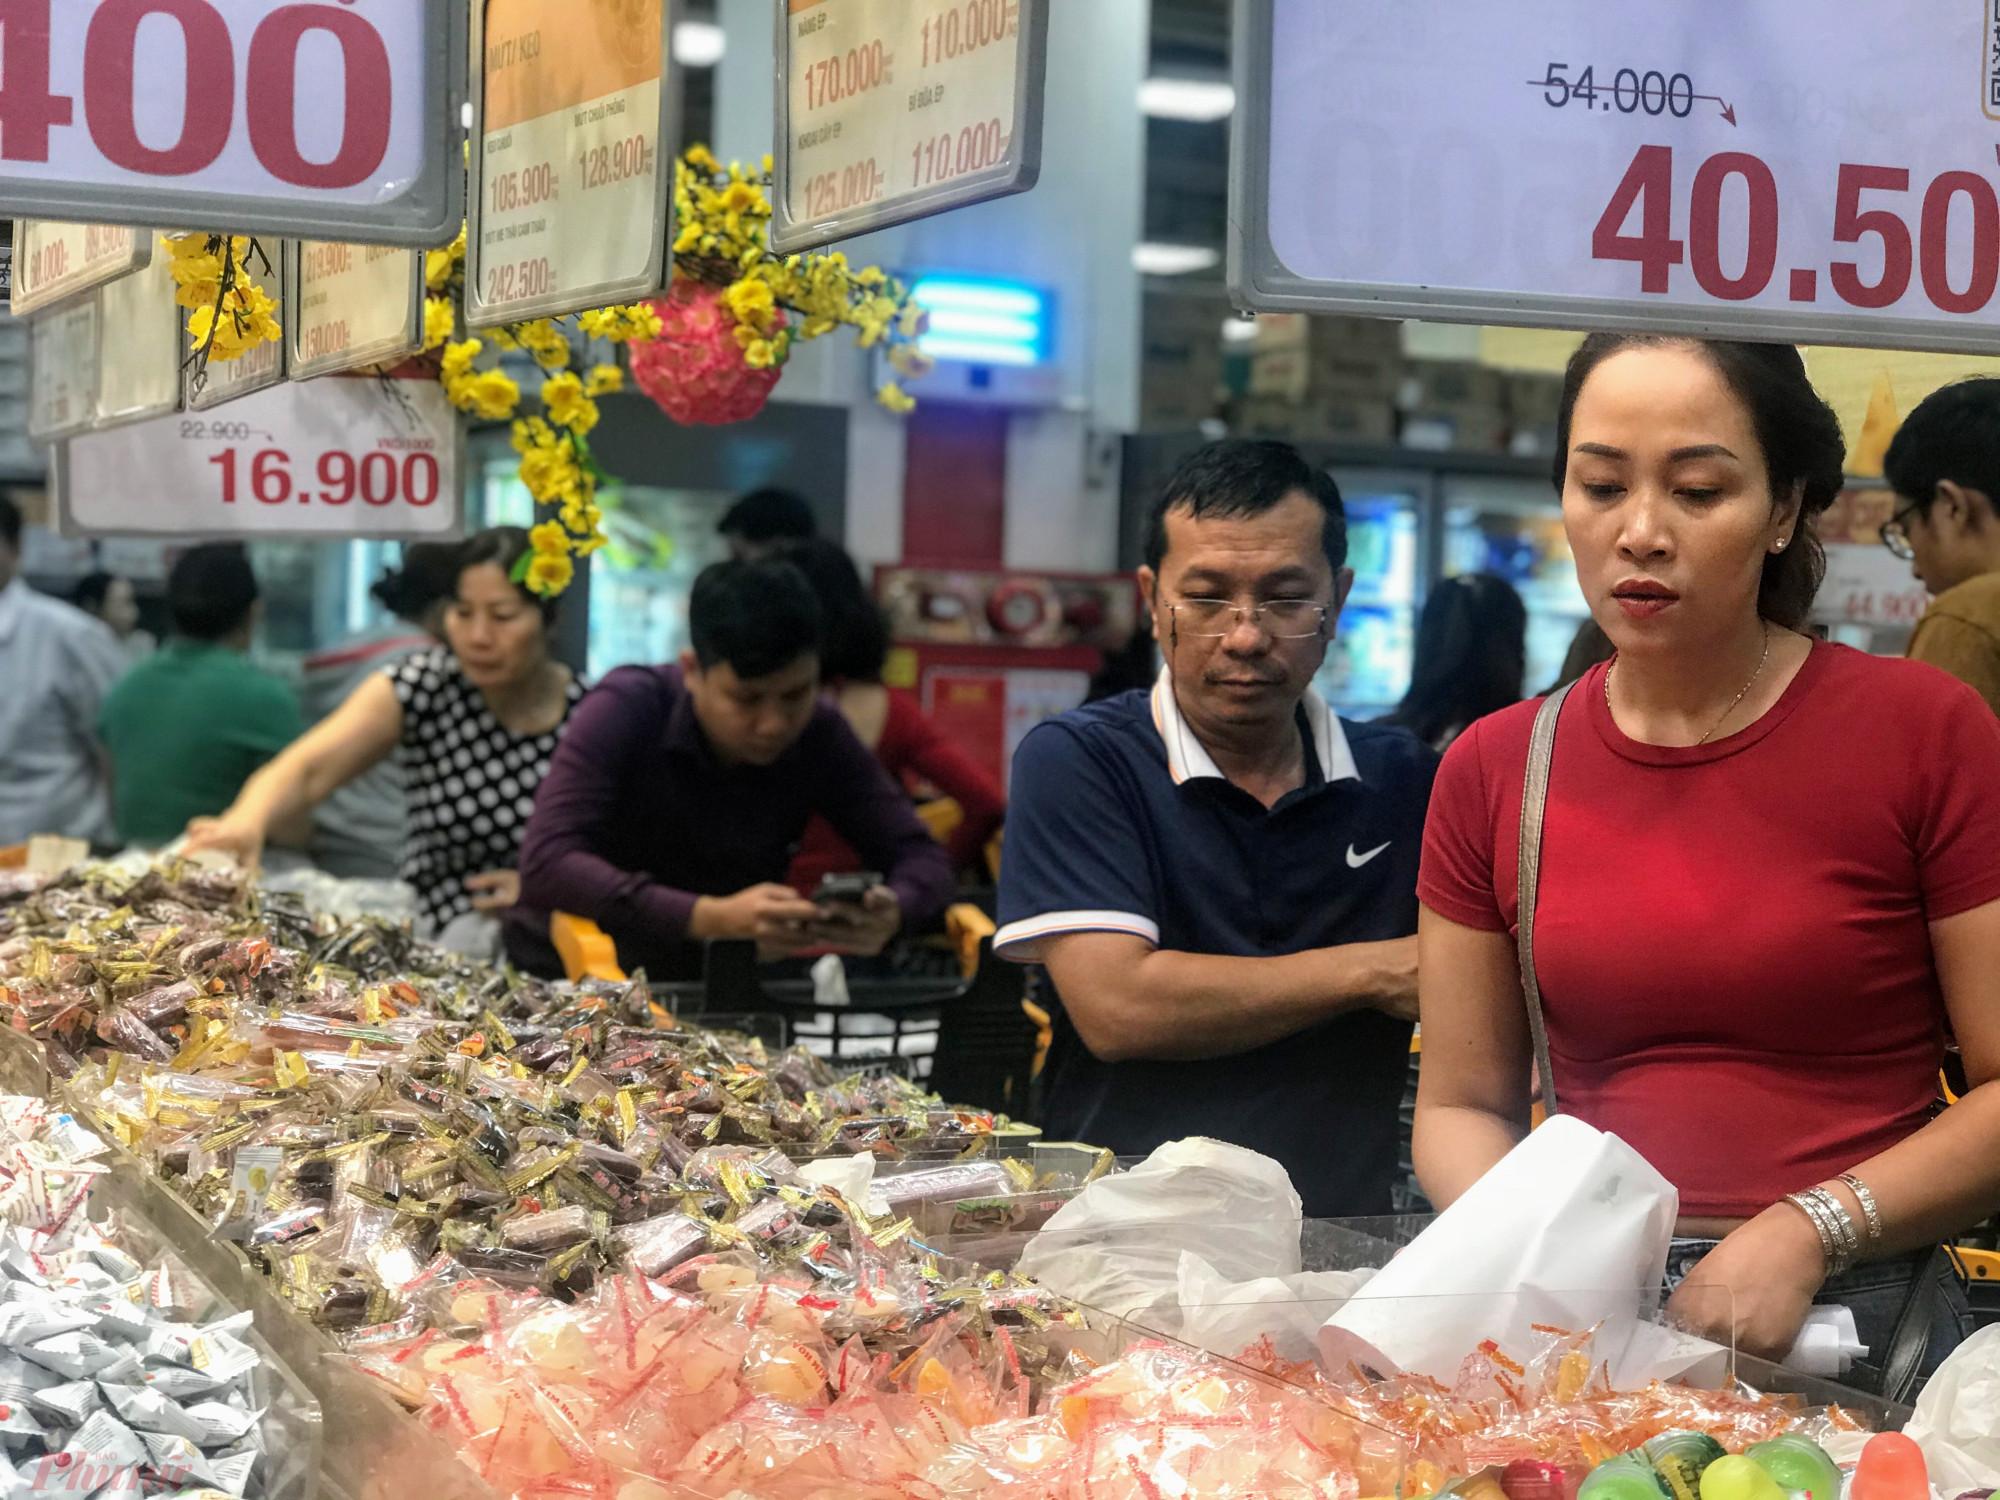 Tại siêu thị Emart quận Gò Vấp, khách chen nhau mua kẹo, mứt, hạt, thạch,...